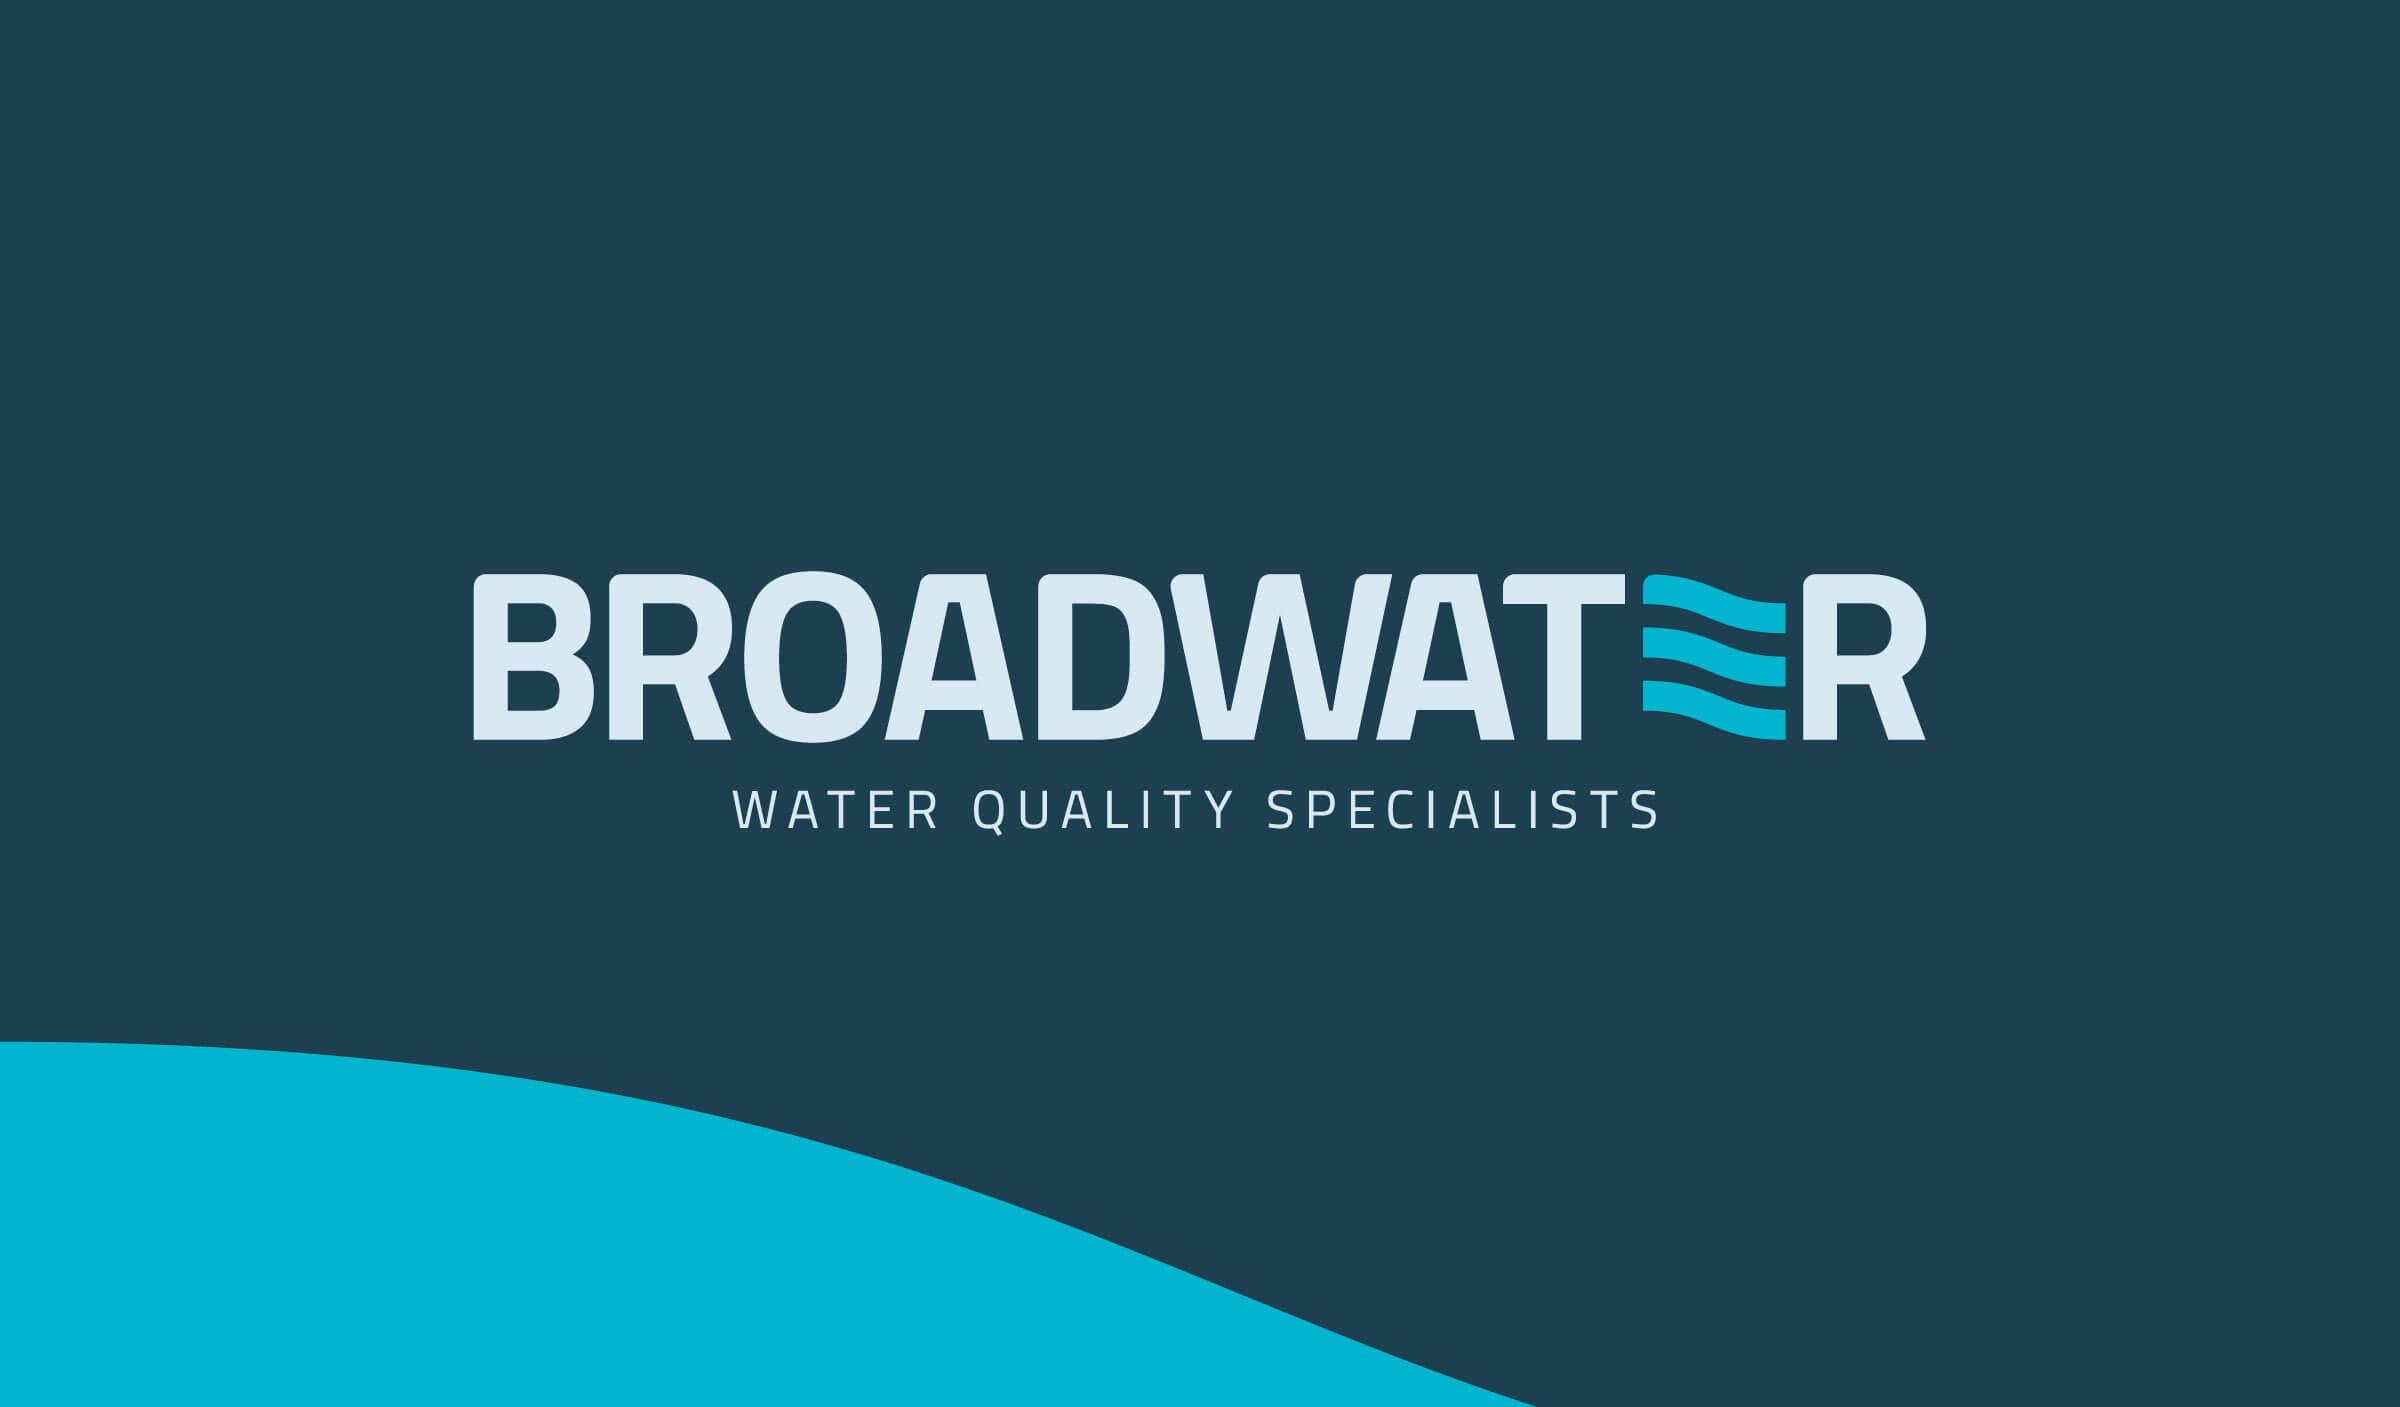 Broadwater Logo design